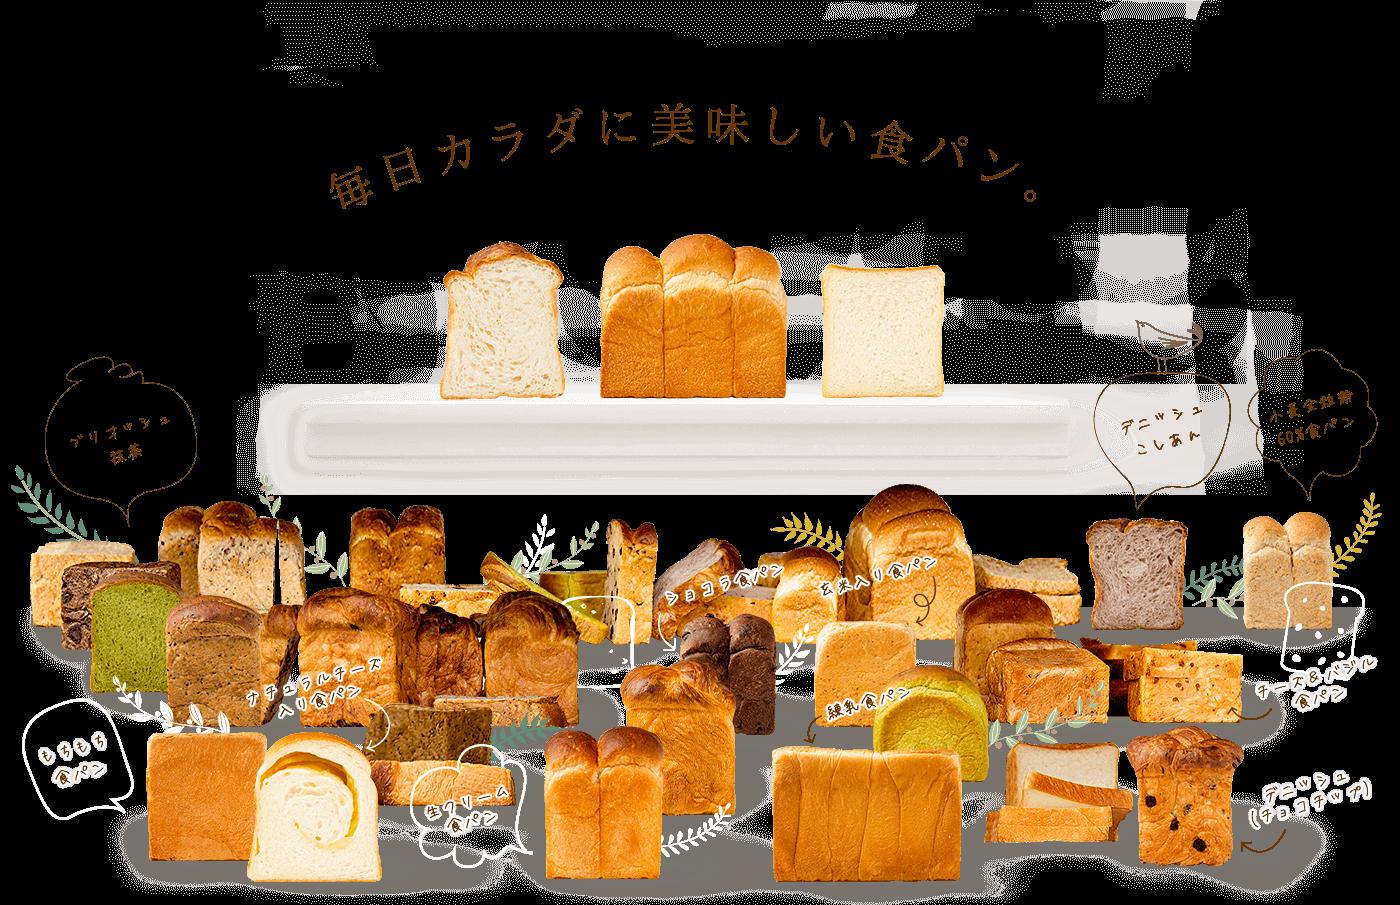 毎日カラダに美味しい食パン。色々な種類の食パンの画像